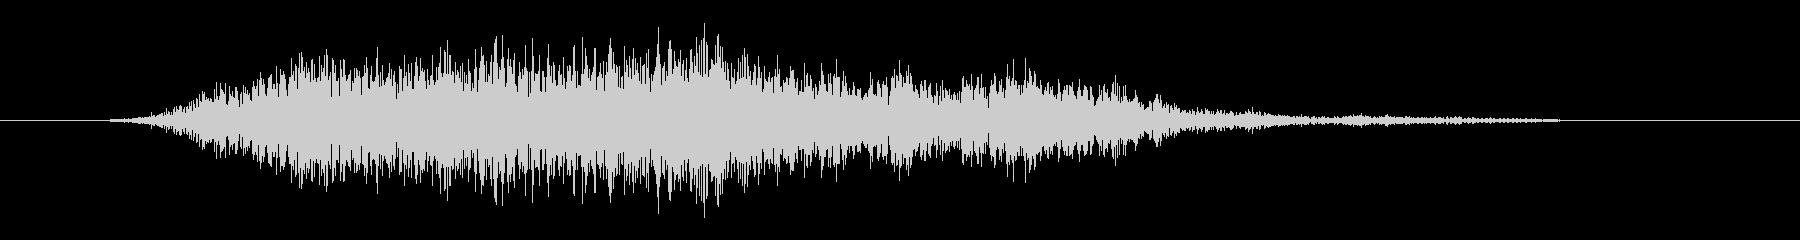 群集 デス・クライ04の未再生の波形